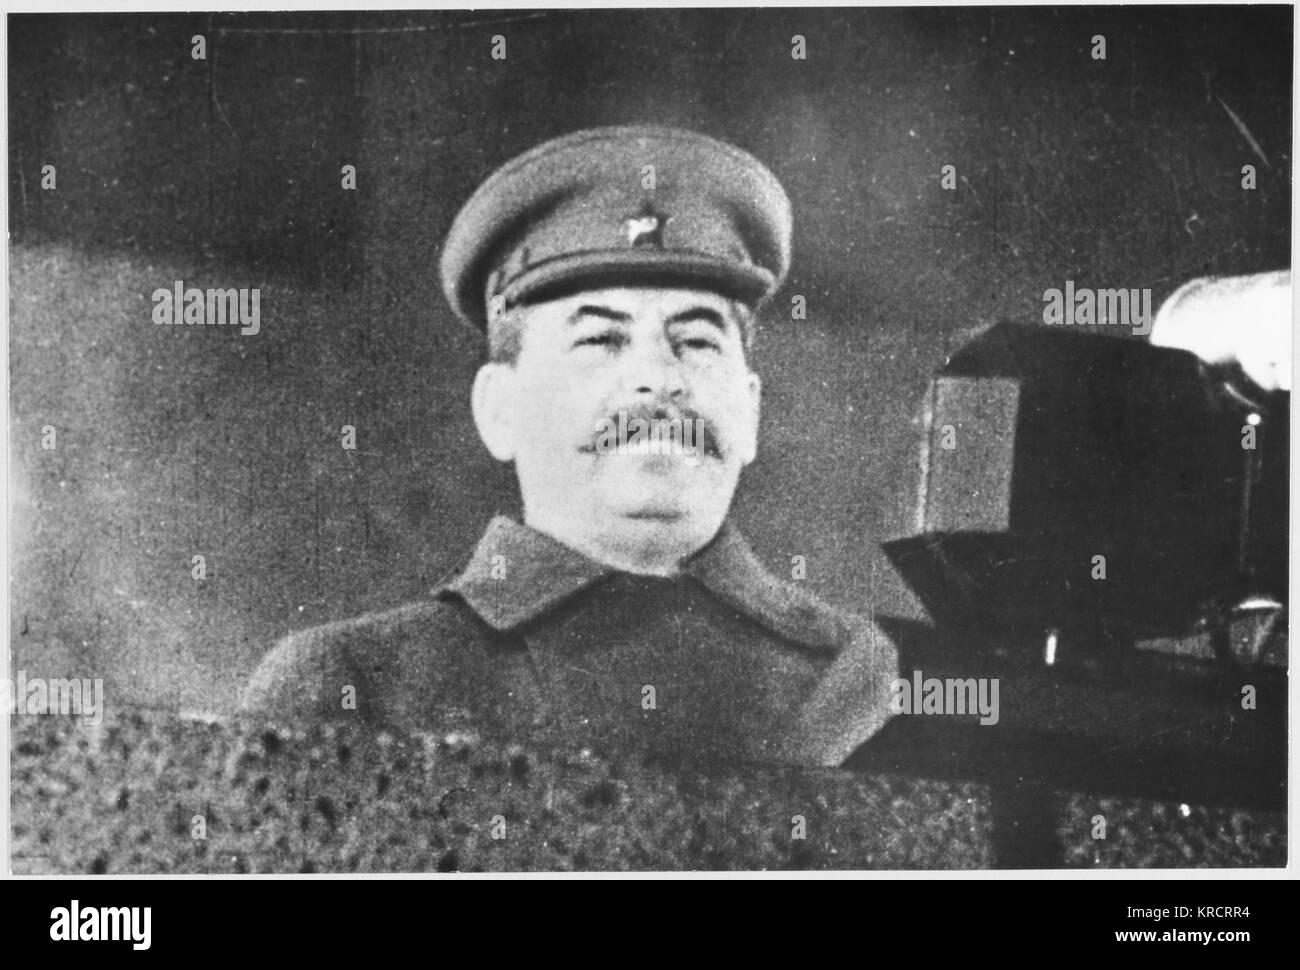 Stalin asiste a una manifestación en la Plaza Roja de Moscú. Fecha: Noviembre de 1941 Imagen De Stock